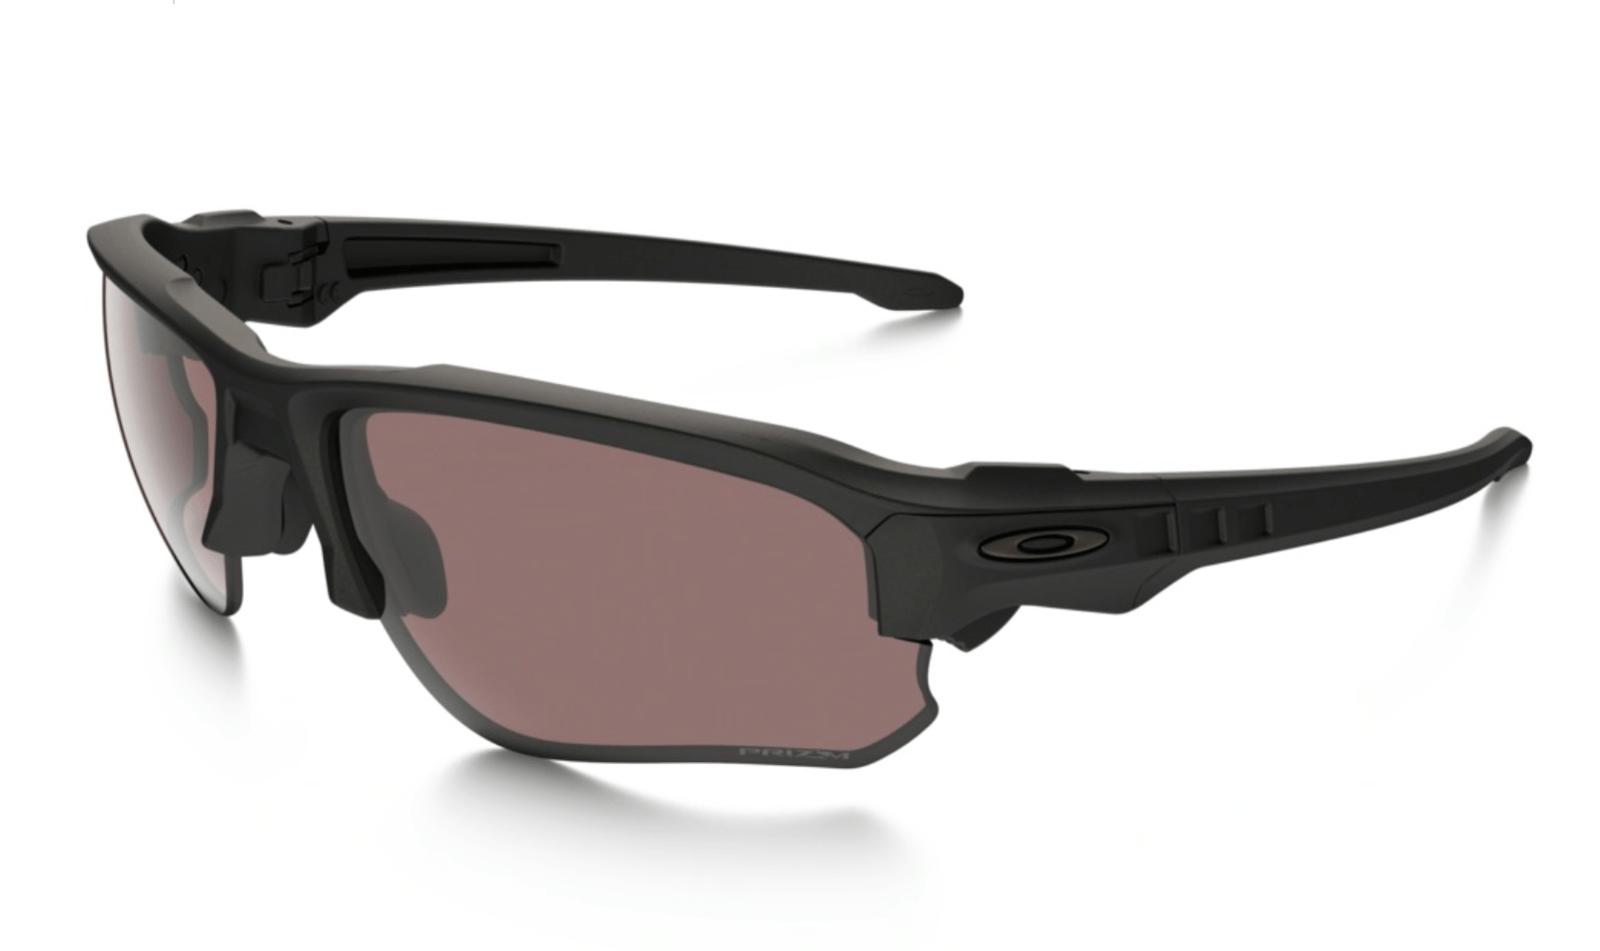 Oakley Speed Jacket Sunglasses - Oakley Speed Jacket Sunglasses - Coming Soon.png